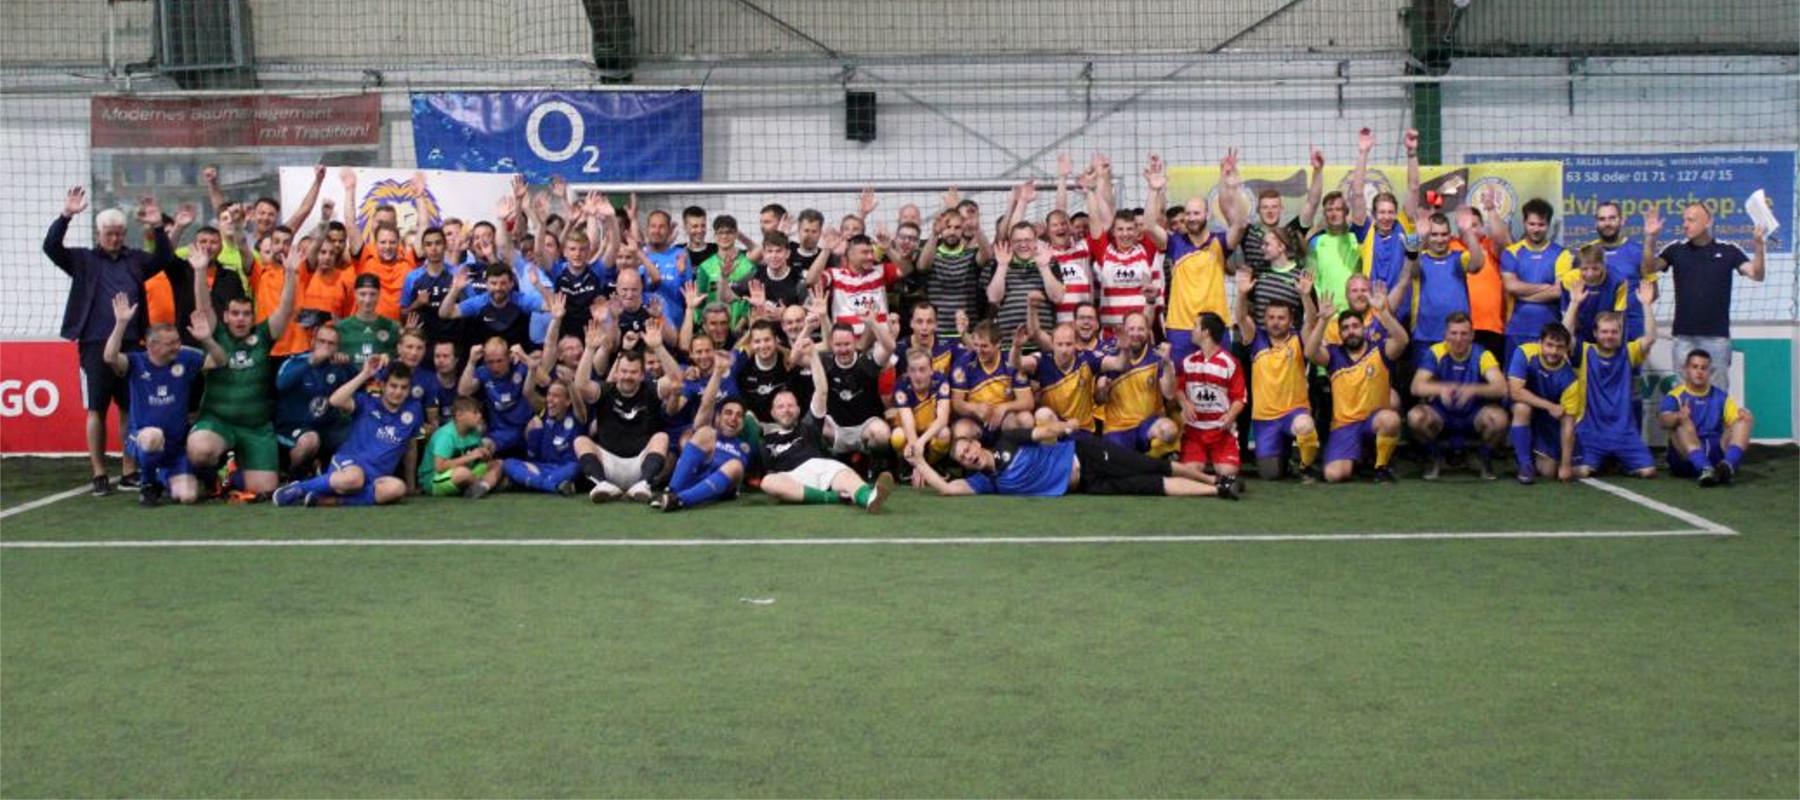 Die verschiedenen Mannschaften posieren gemeinsam auf dem Spielfeld im Strafraum.